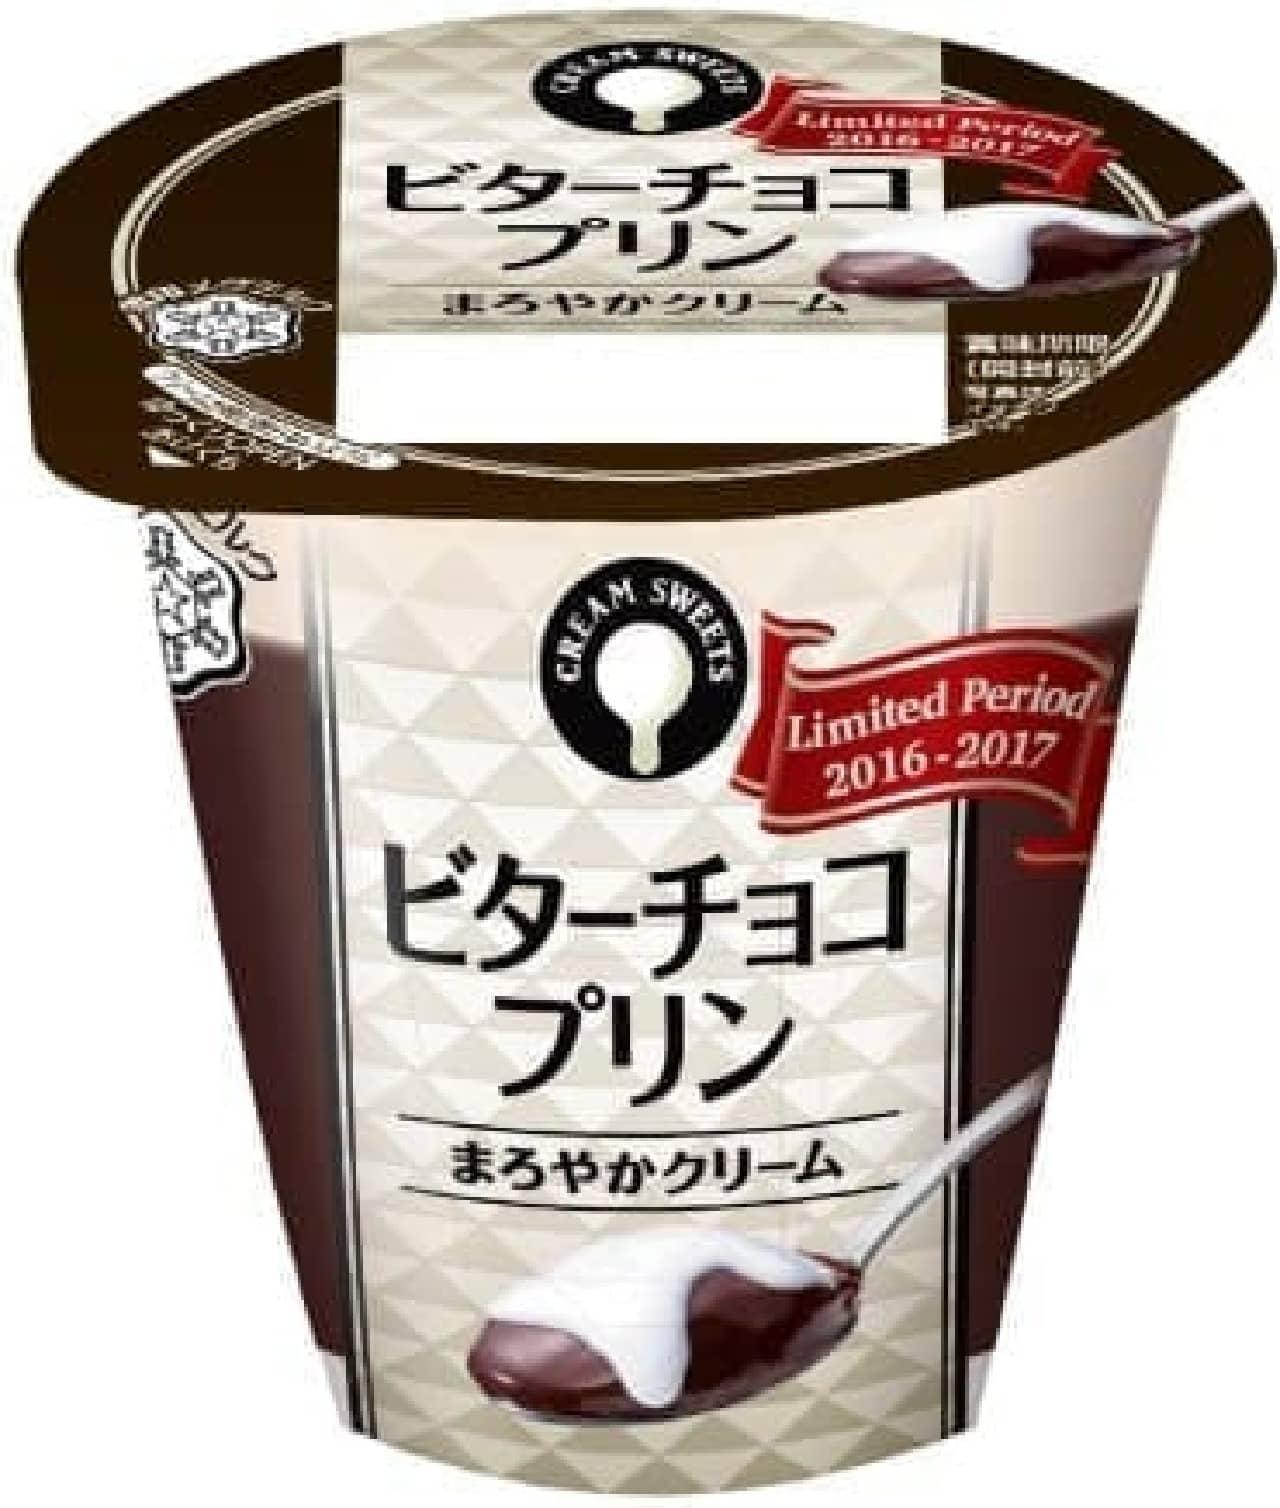 雪印メグミルク「CREAM SWEETS ビターチョコプリン」